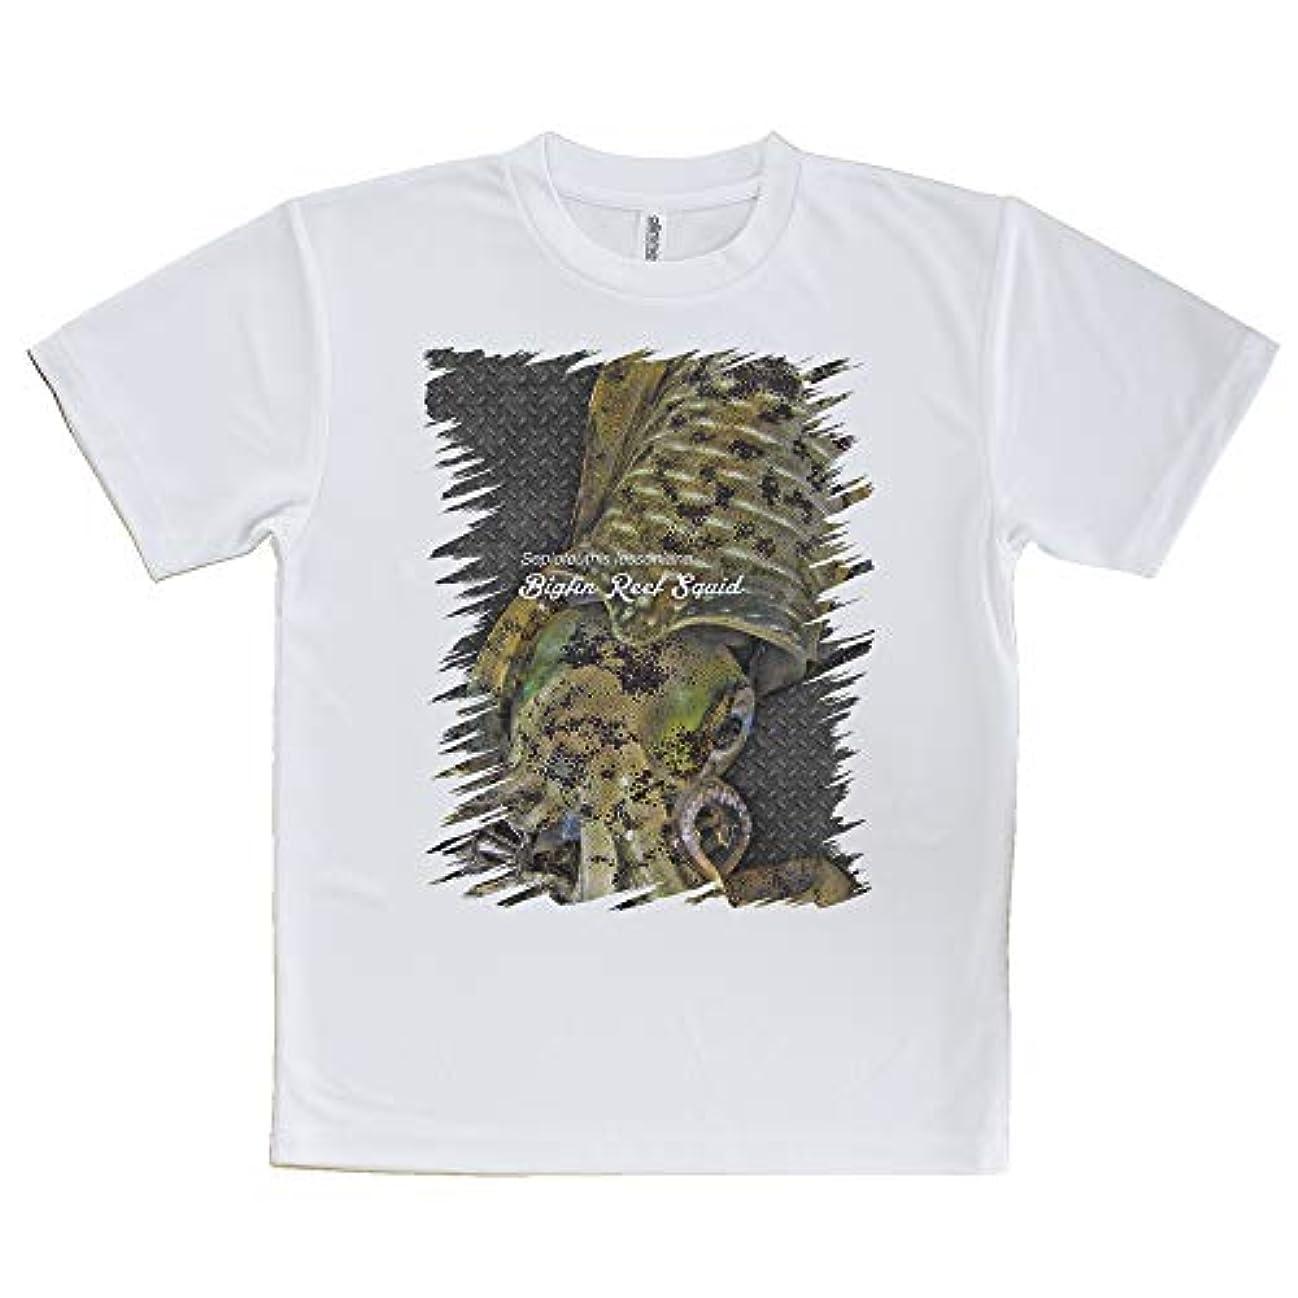 AnglersLife Tシャツ エギングにアオリイカ United Athle(ユナイテッドアスレ) ホワイト 白 ポリエステル100% 4.1oz UTF30